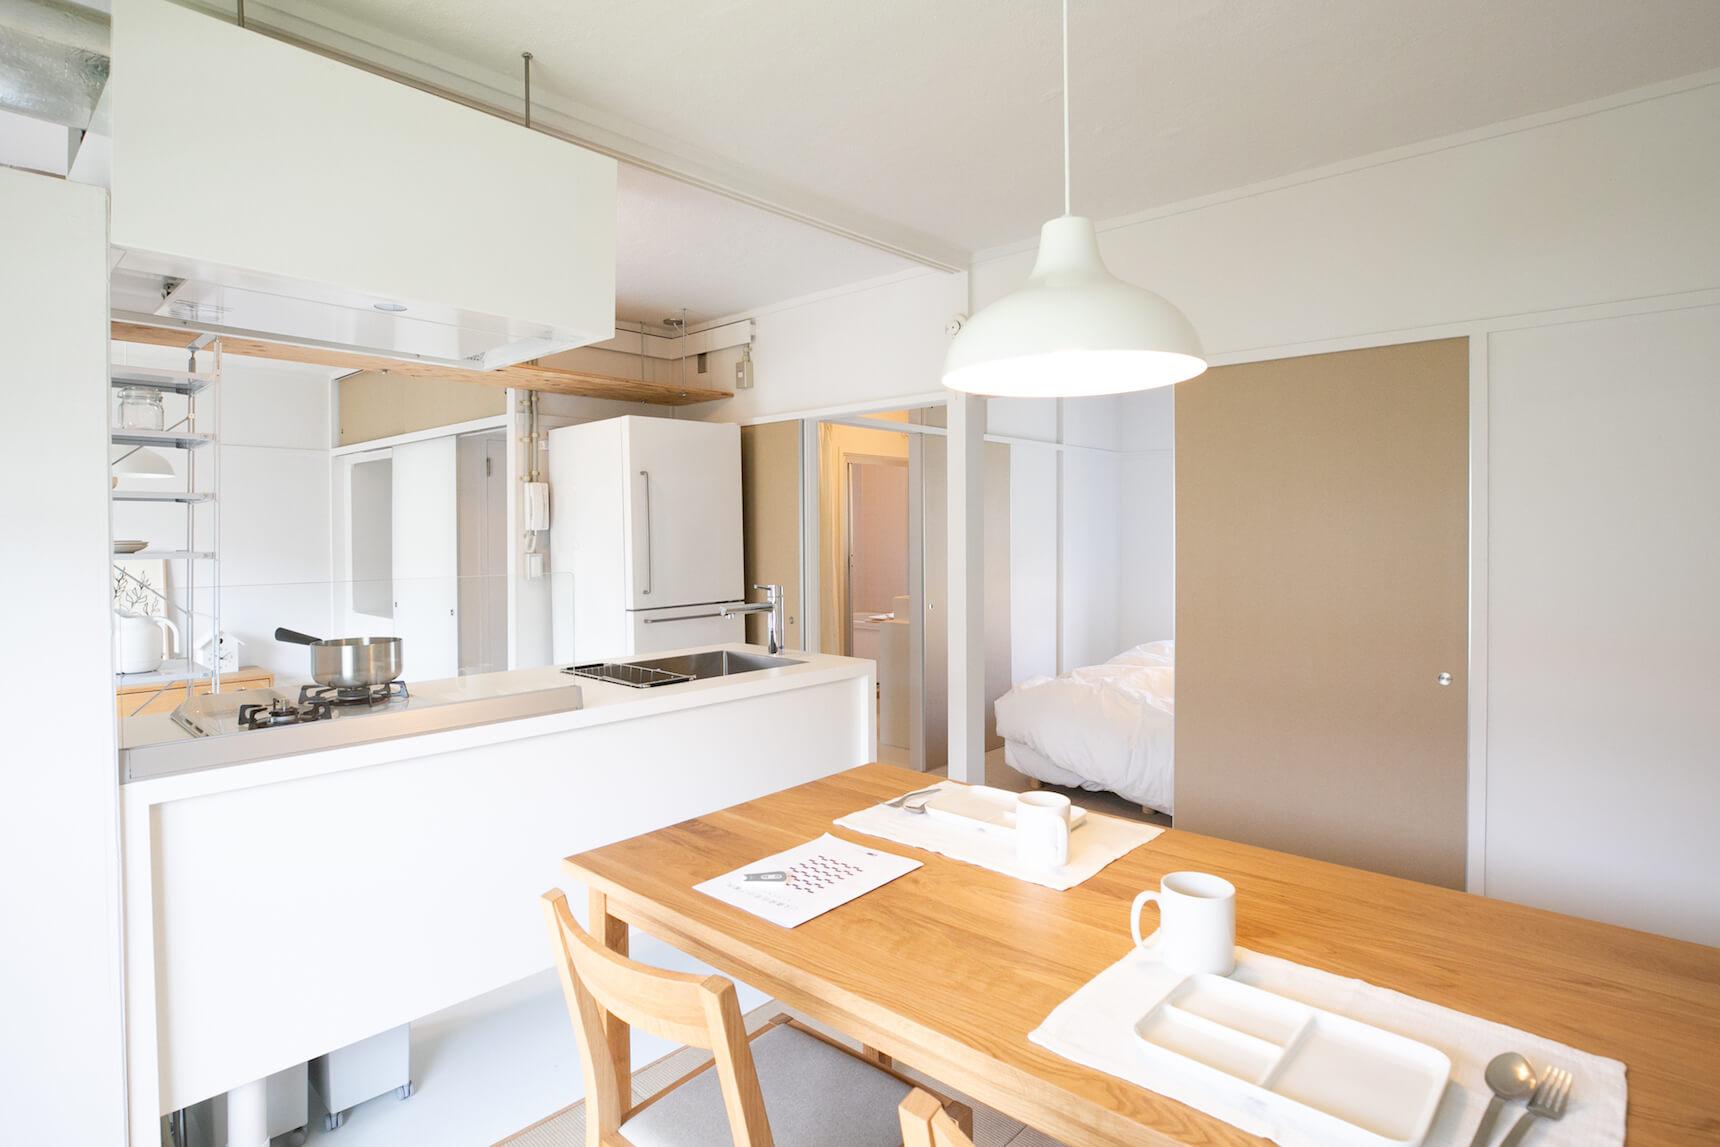 シンプルな空間に、無印良品の家具を置いていくと自然と調和するように考えられています